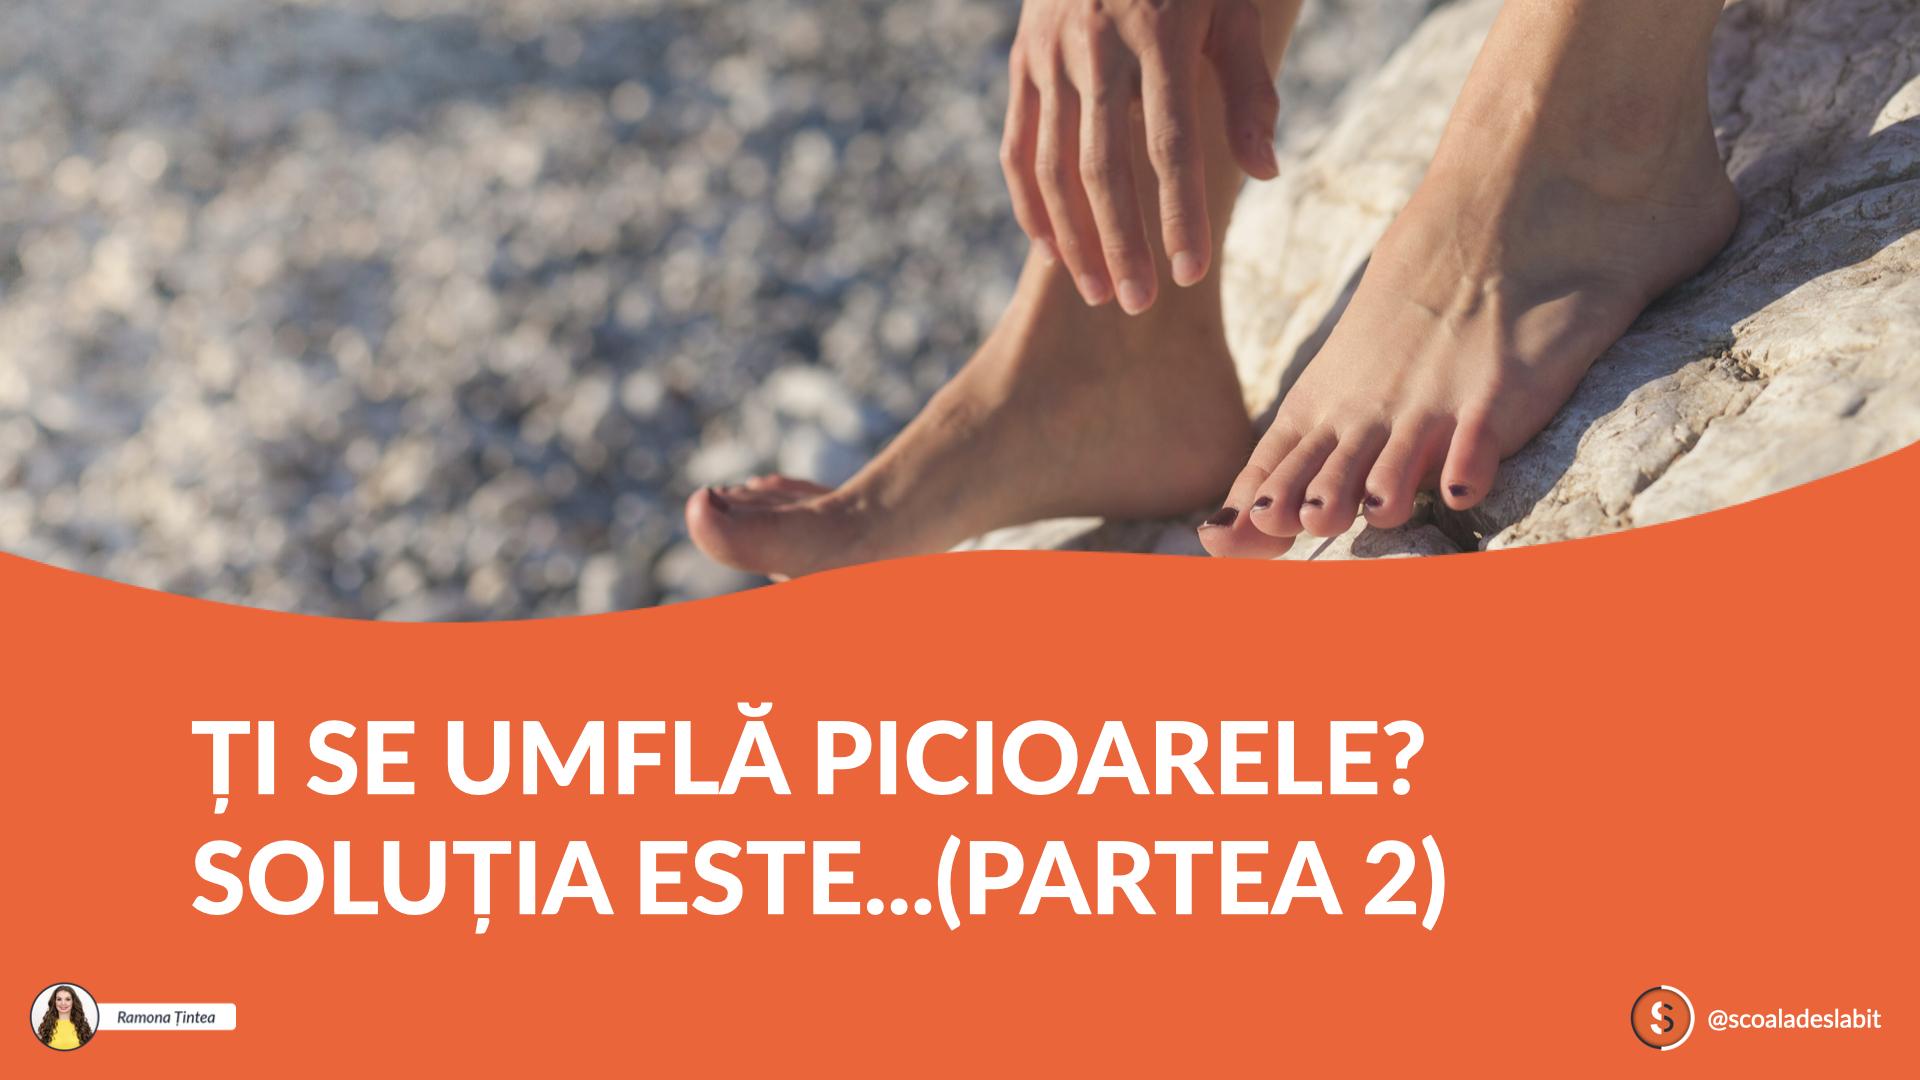 Ți Se Umflă Picioarele? Soluția Este…(Partea 2)